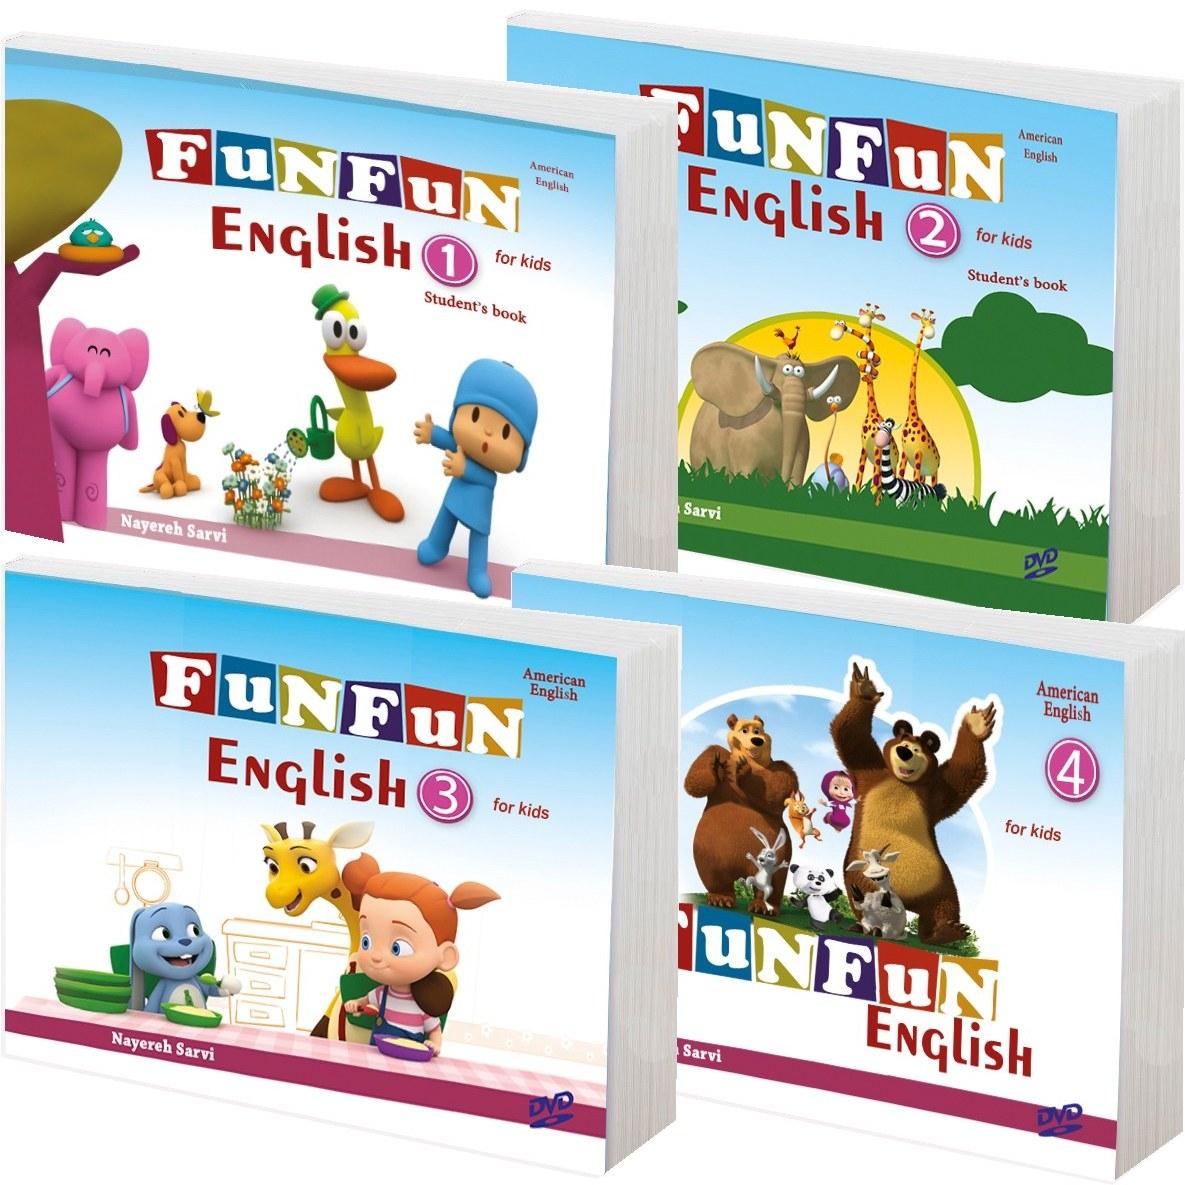 مجموعه آموزش زبان انگلیسی Fun Fun English برای کودکان